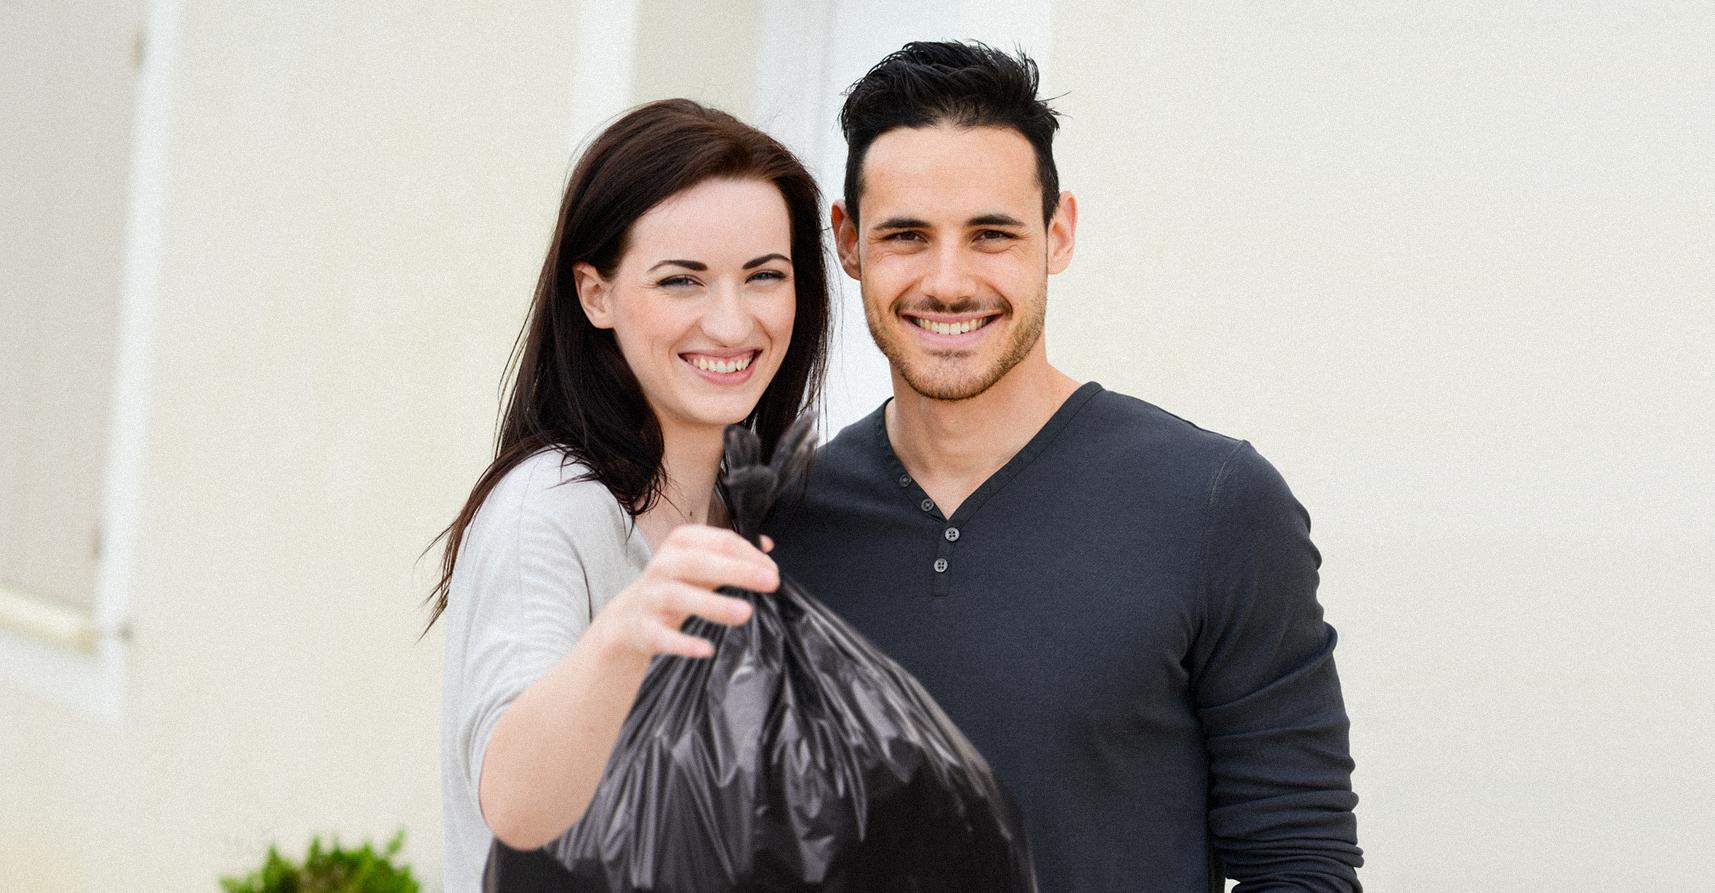 صورة عائلة تتبرّع بقمامتها للحارس بعد الفطور